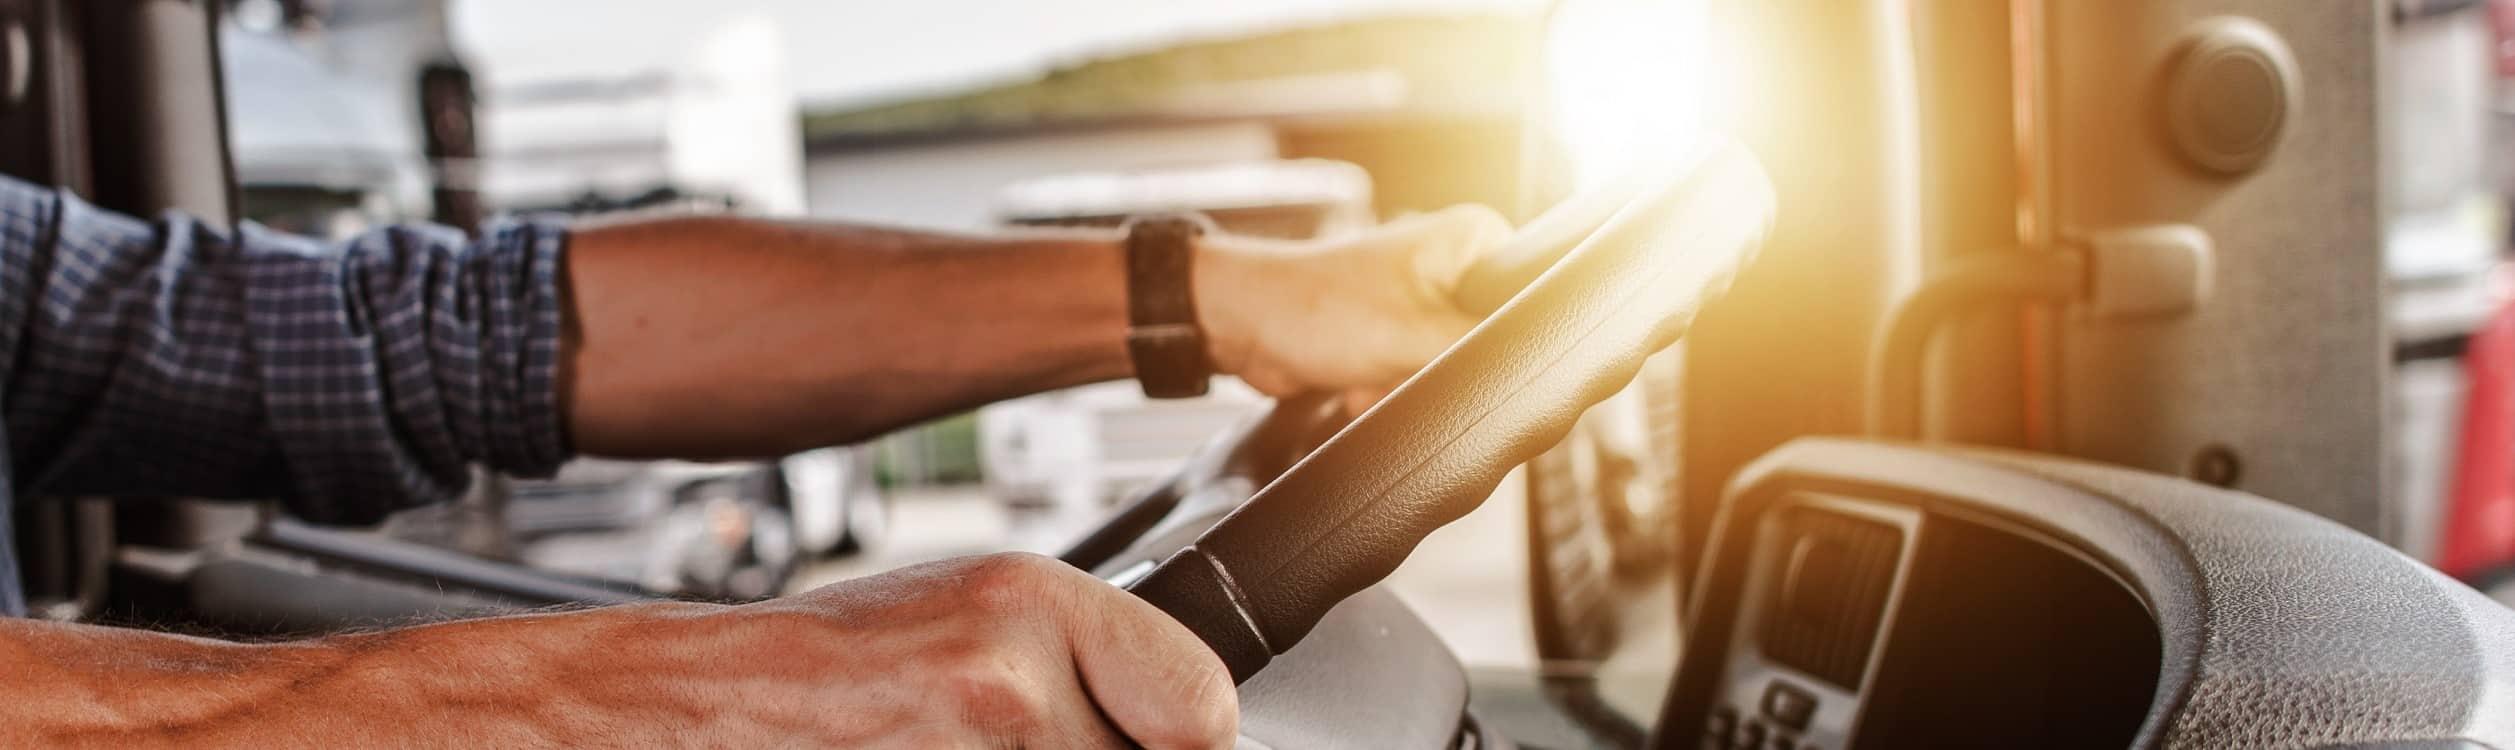 Temperaturen über 30°C: Hitze-Tipps für LKW-Fahrer